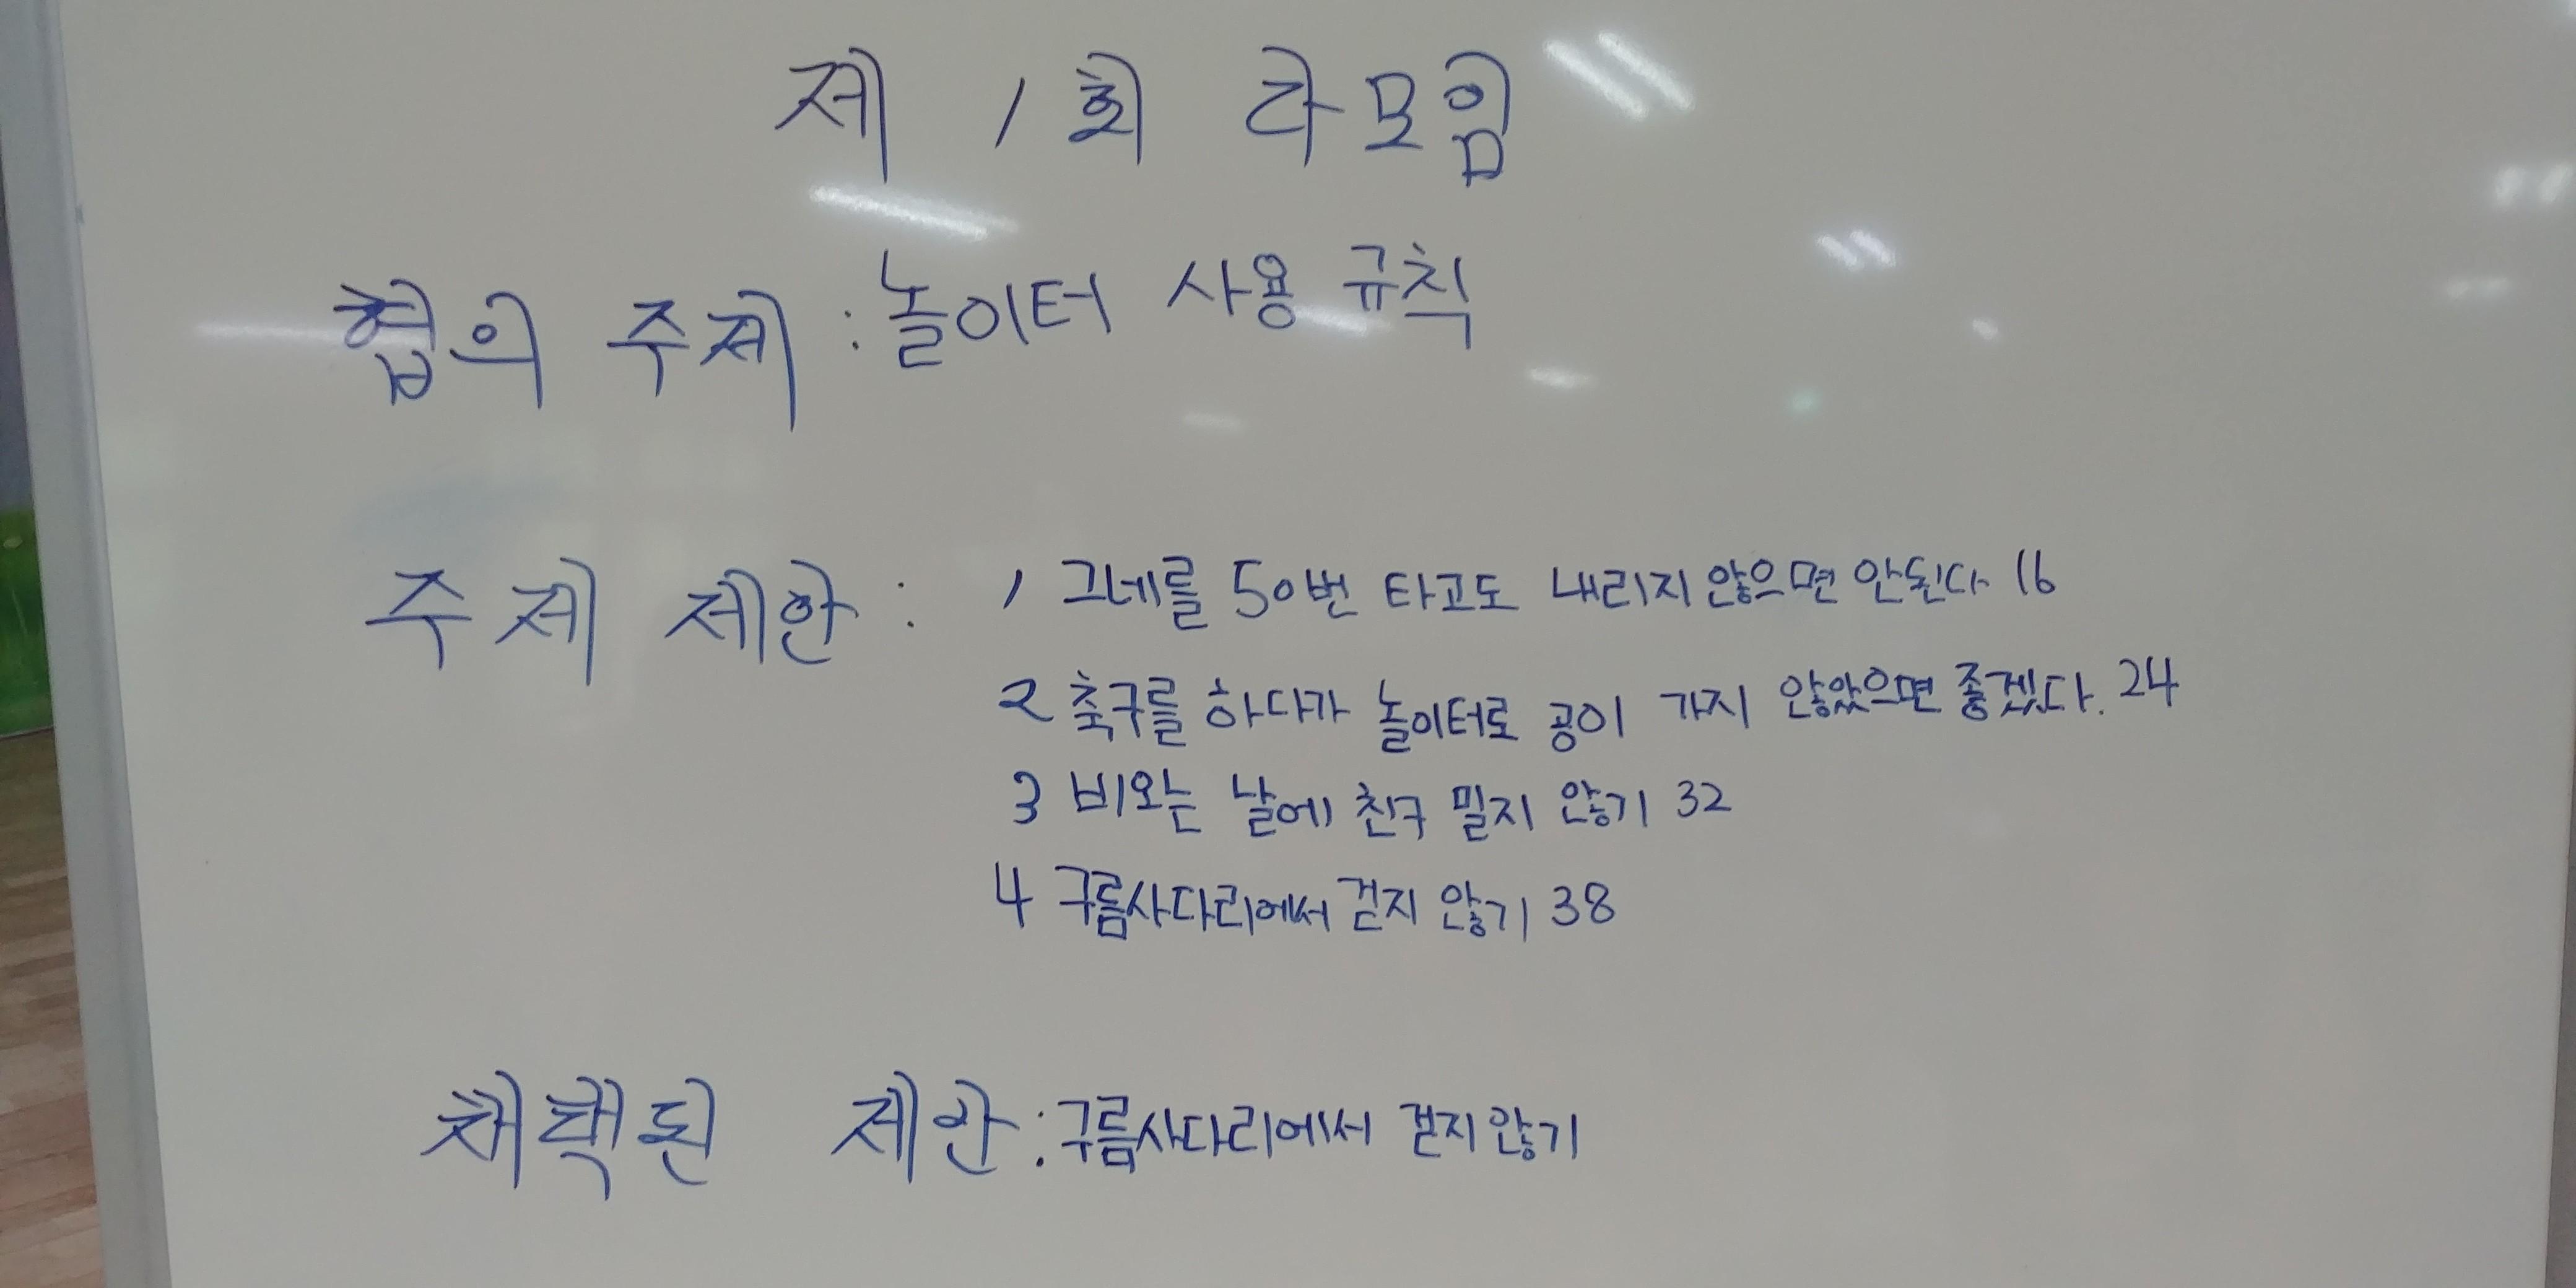 [일반] 2019.5.13.(월)학생자치다모임의 첨부이미지 2